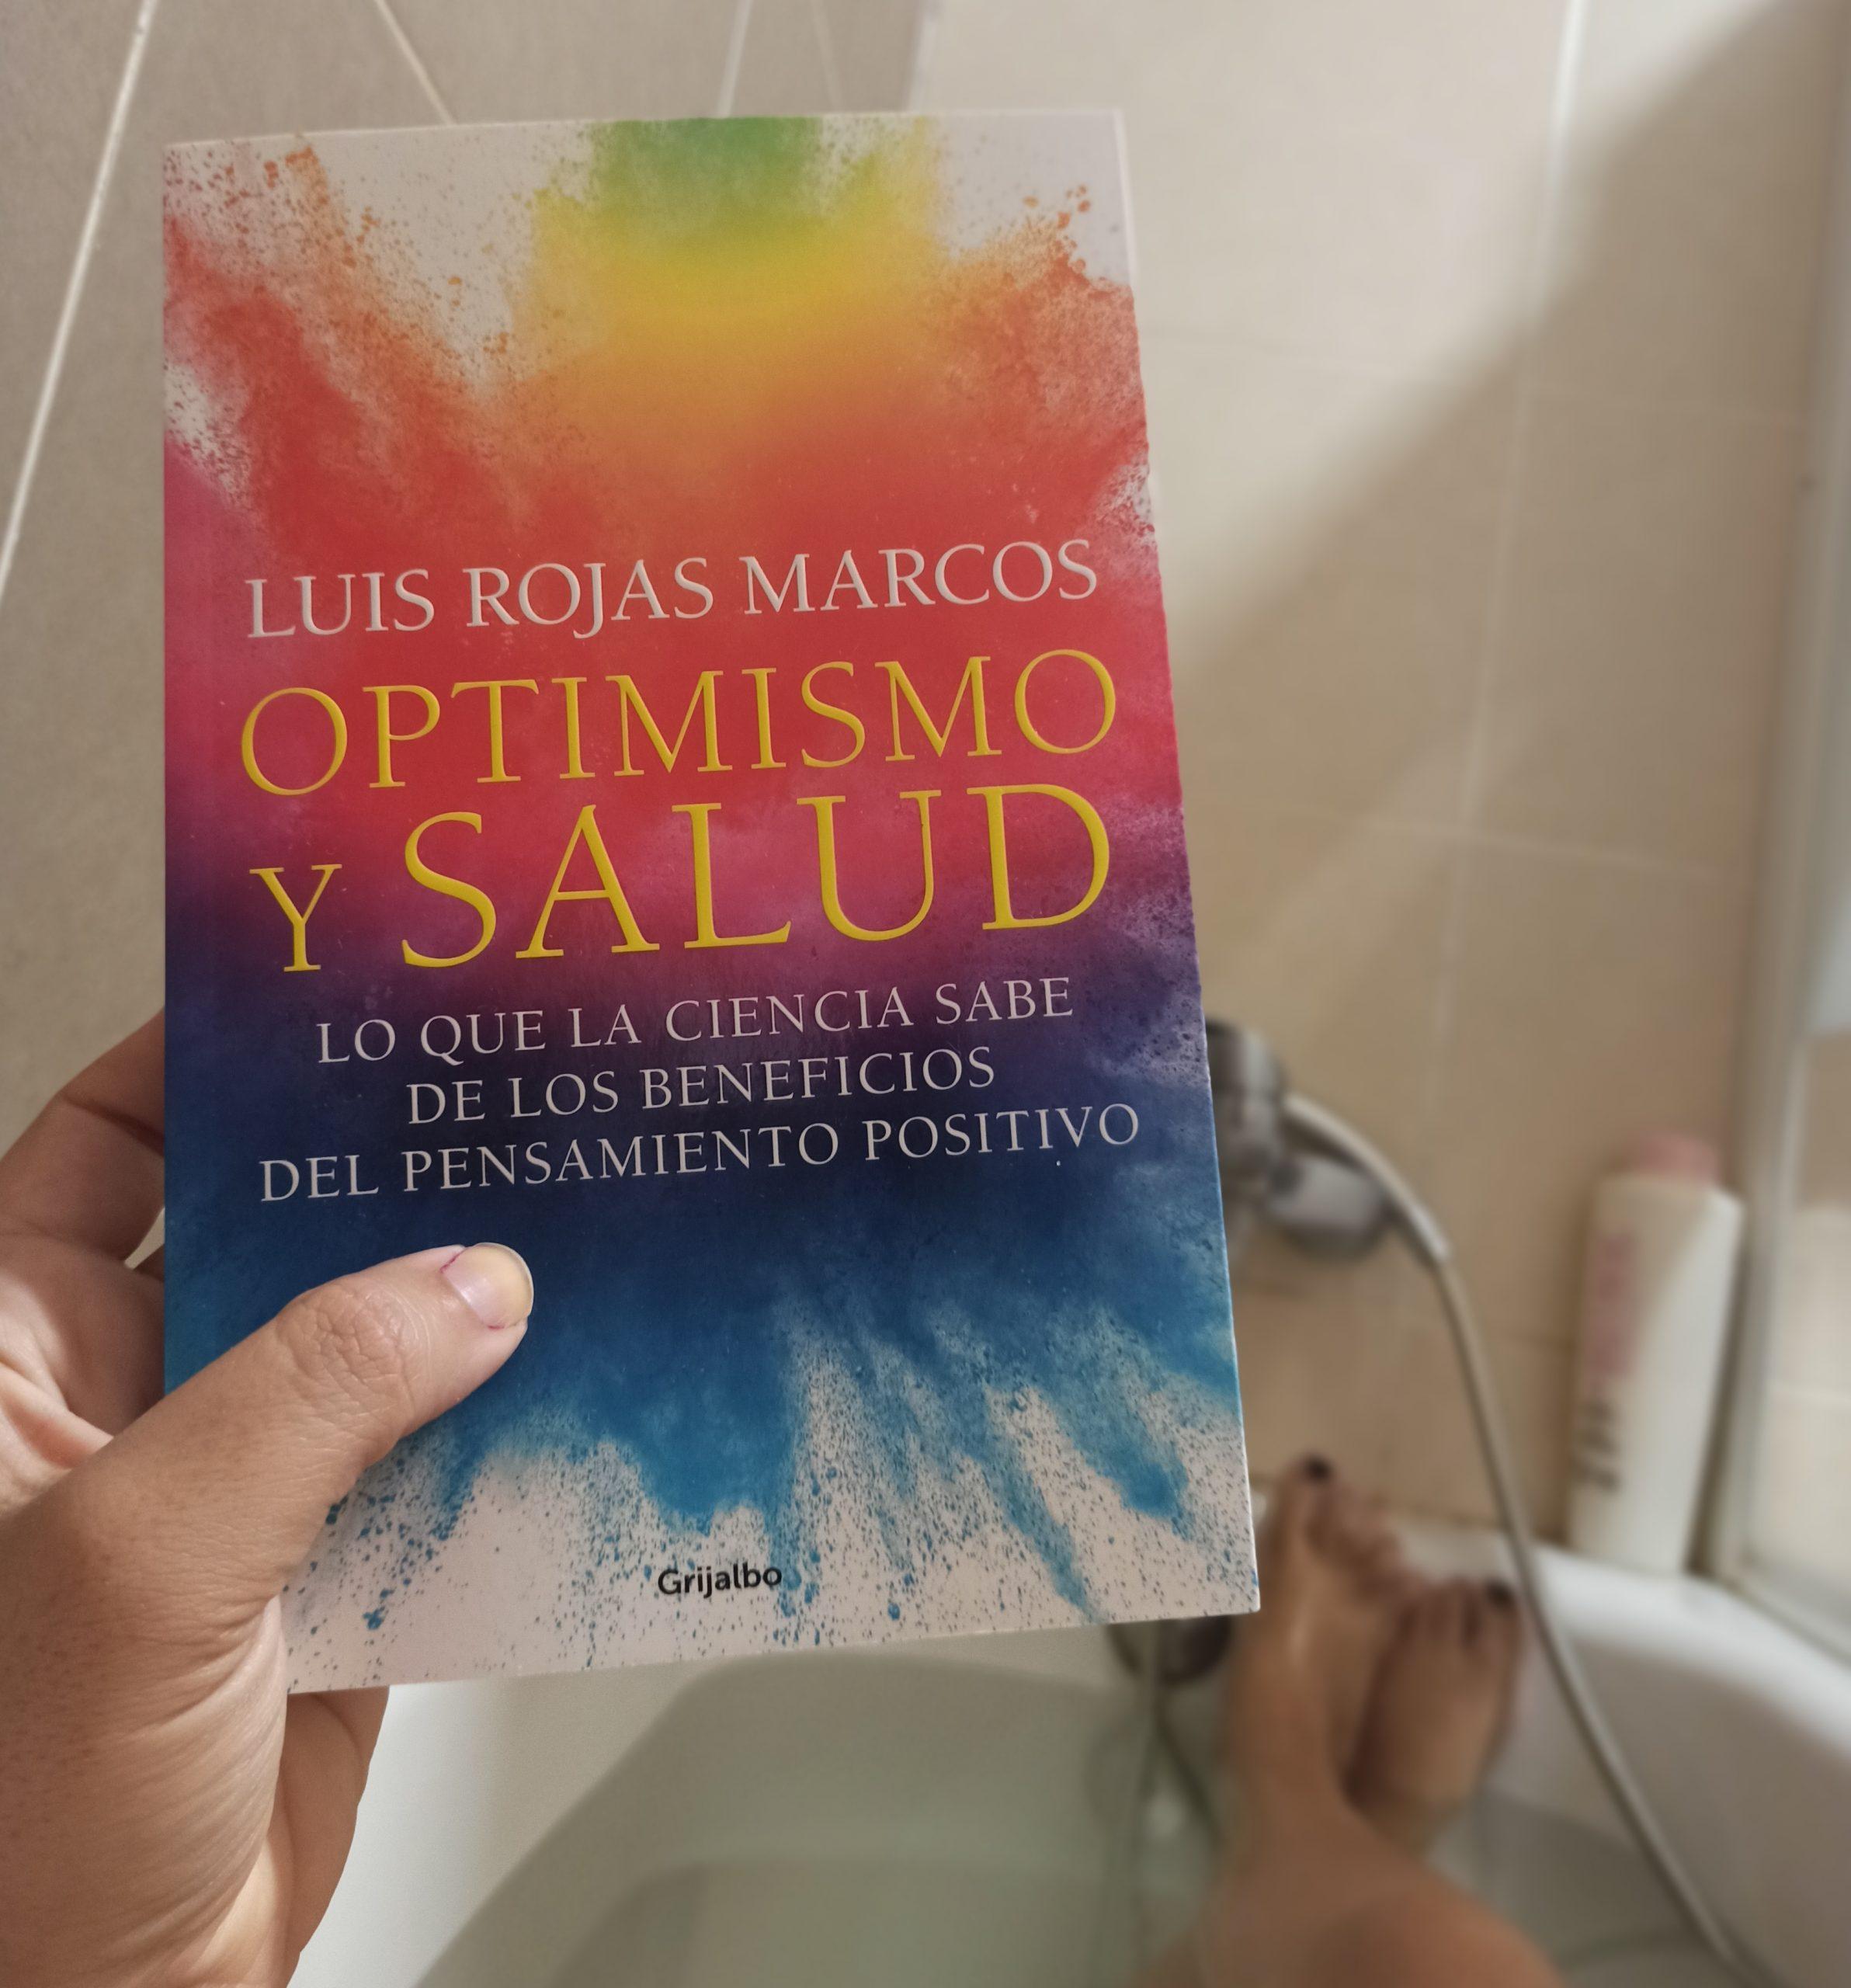 OPTIMISMO Y SALUD, de Luis Rojas Marcos.